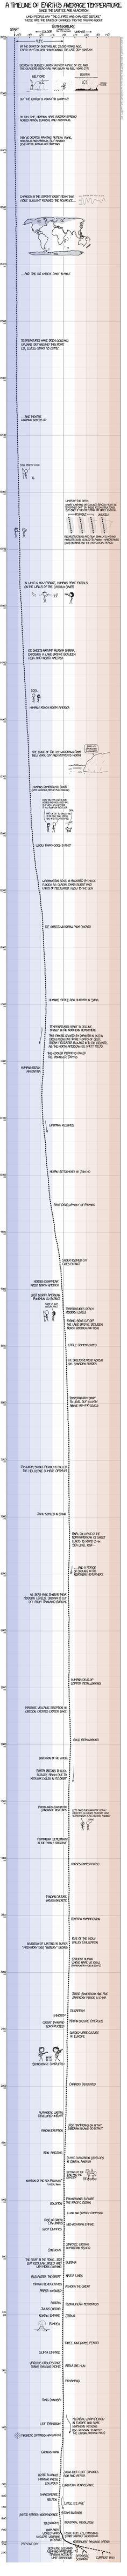 Linha do tempo da temperatura terrestre por XKCD | Brasil Acadêmico